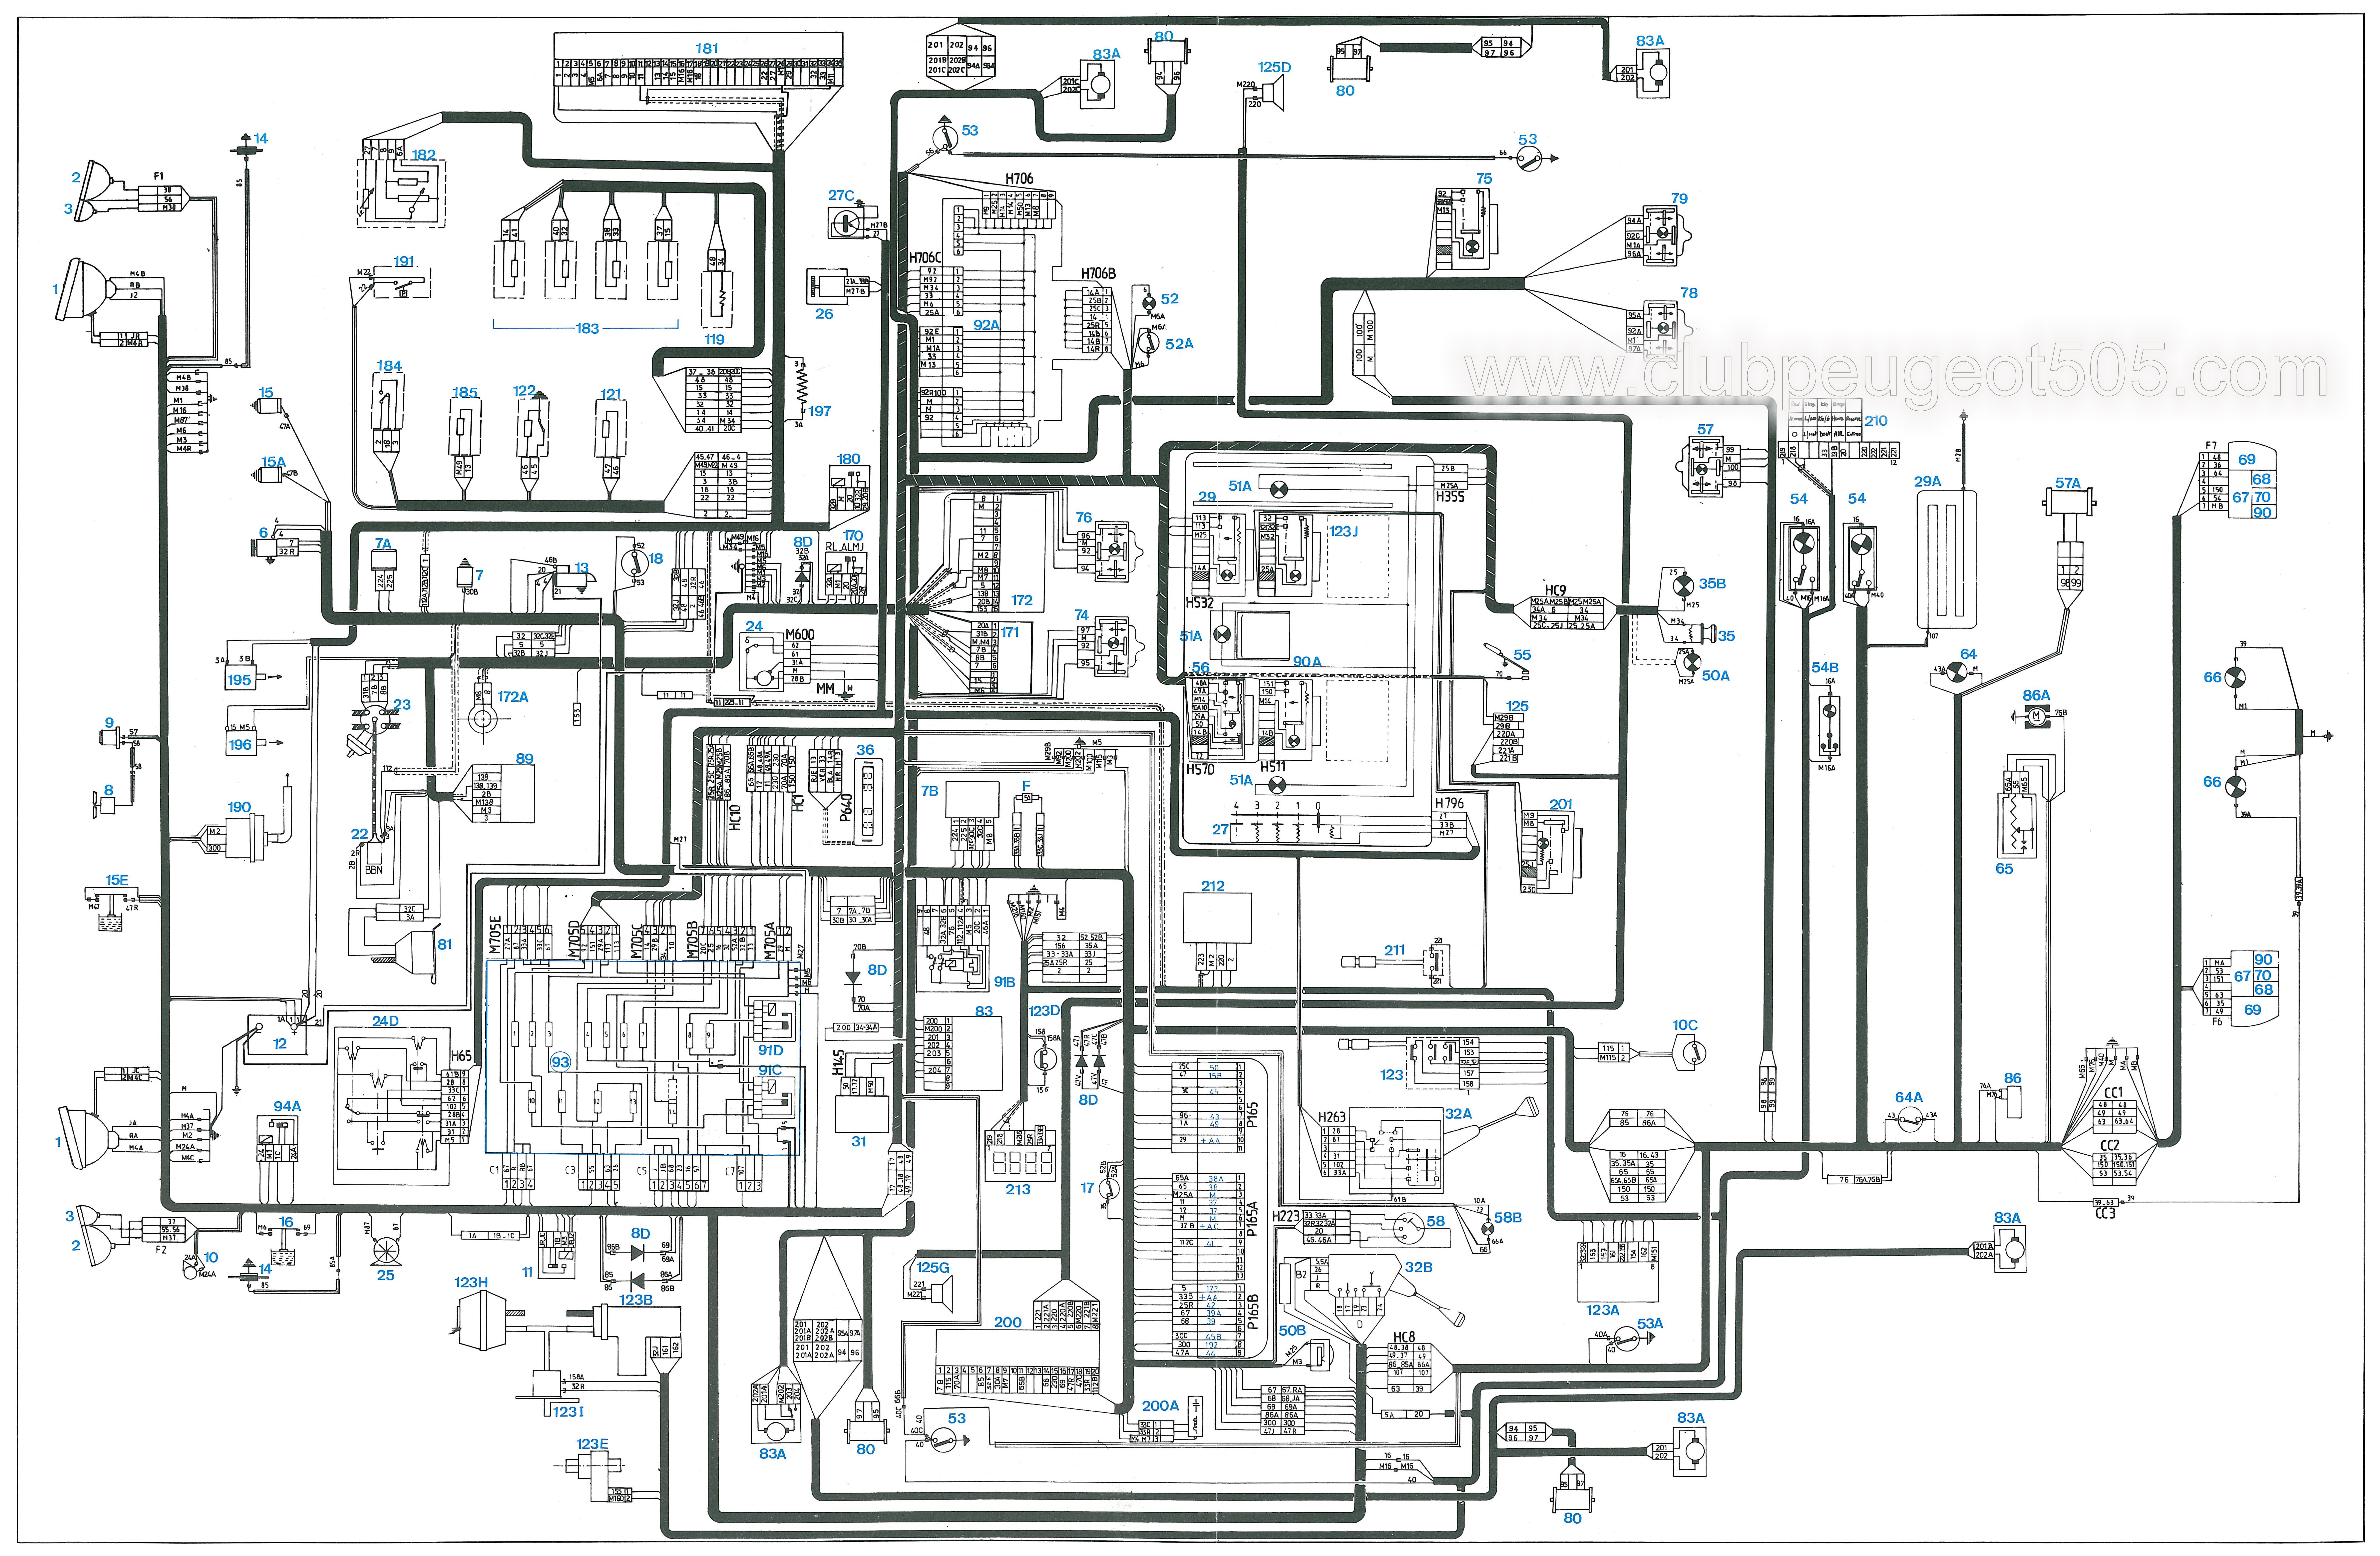 Circuito Y Misterios : Circuito electrico peugeot xrd mux diagrama de cableados